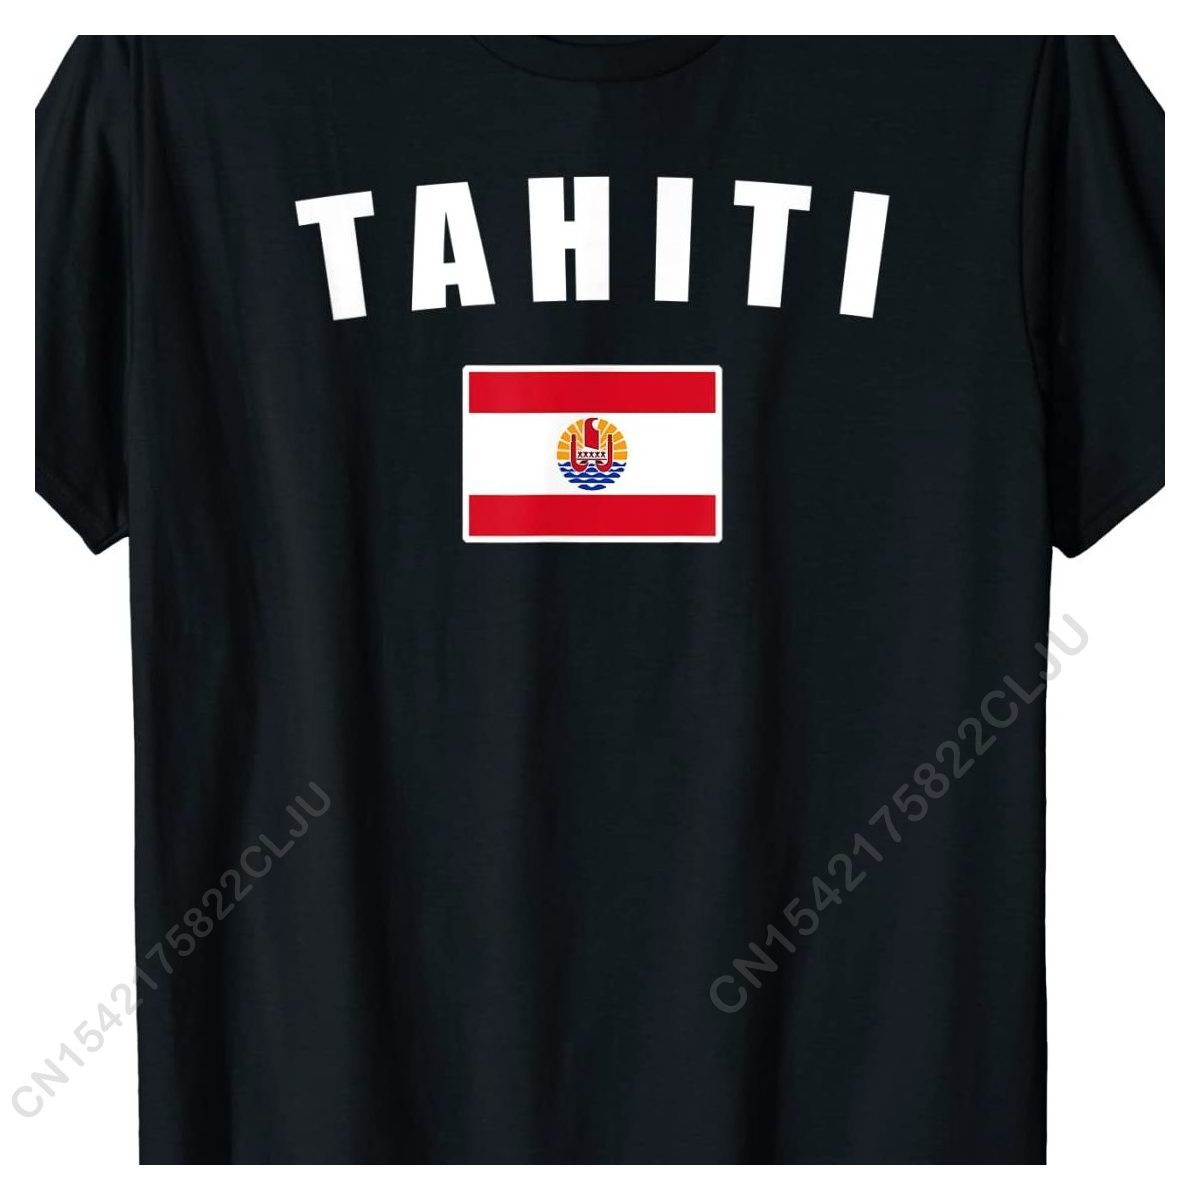 تاهيتي تاهيتي علم الدولة الوطني تاهيتي العلم تي شيرت خصم الرجال T قميص الصيف T قميص القطن الكلاسيكية